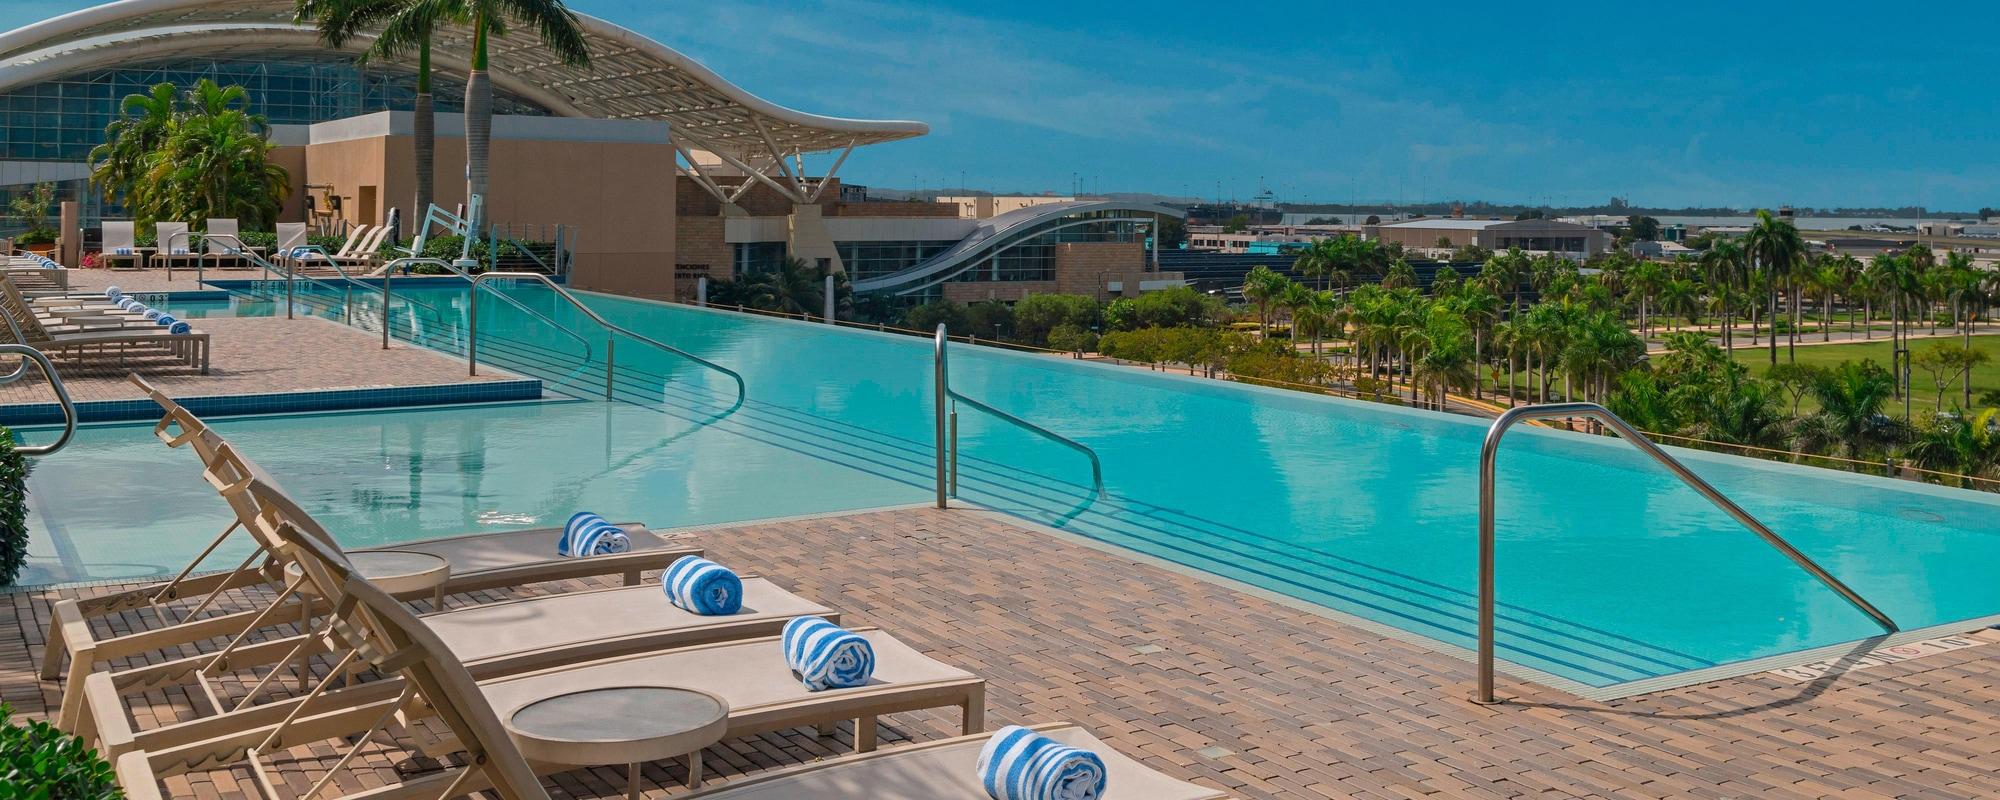 Sheraton hotel and casino convention center puerto rico game world casino zagreb